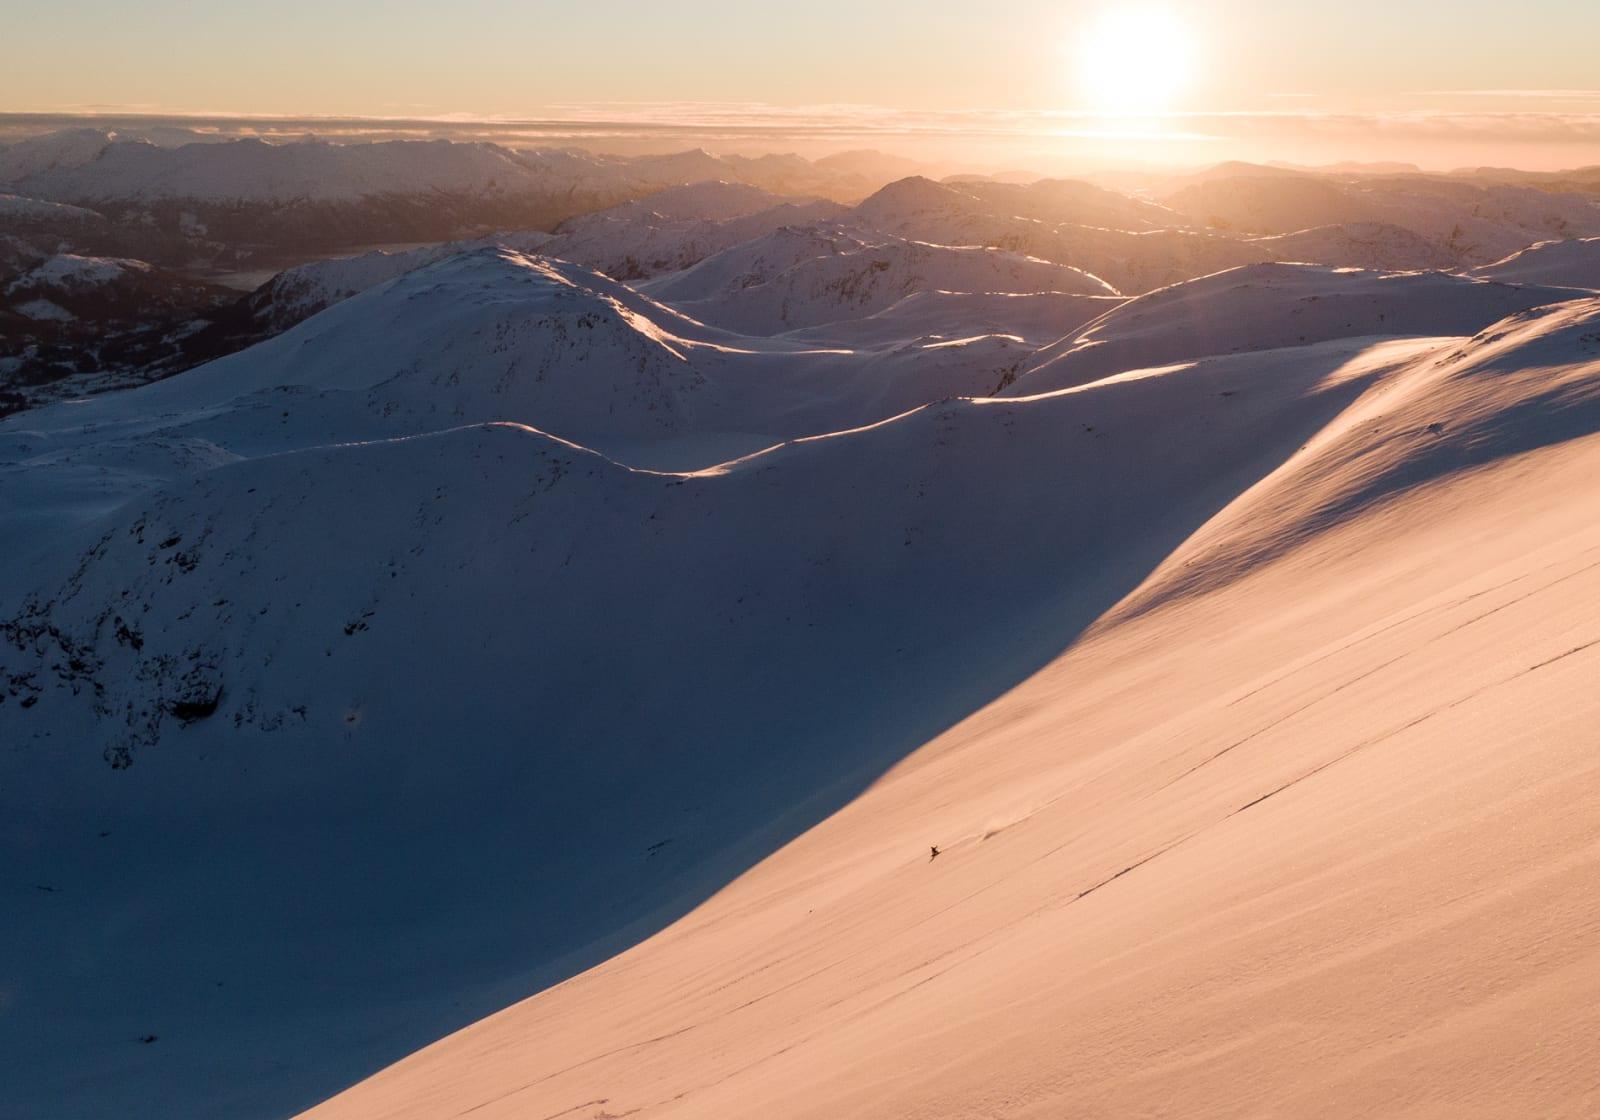 TILKJØRT: Fra toppen av Harpefossen skisenter når du terreng som dette med cat-en. Bilde: Christian Nerdrum